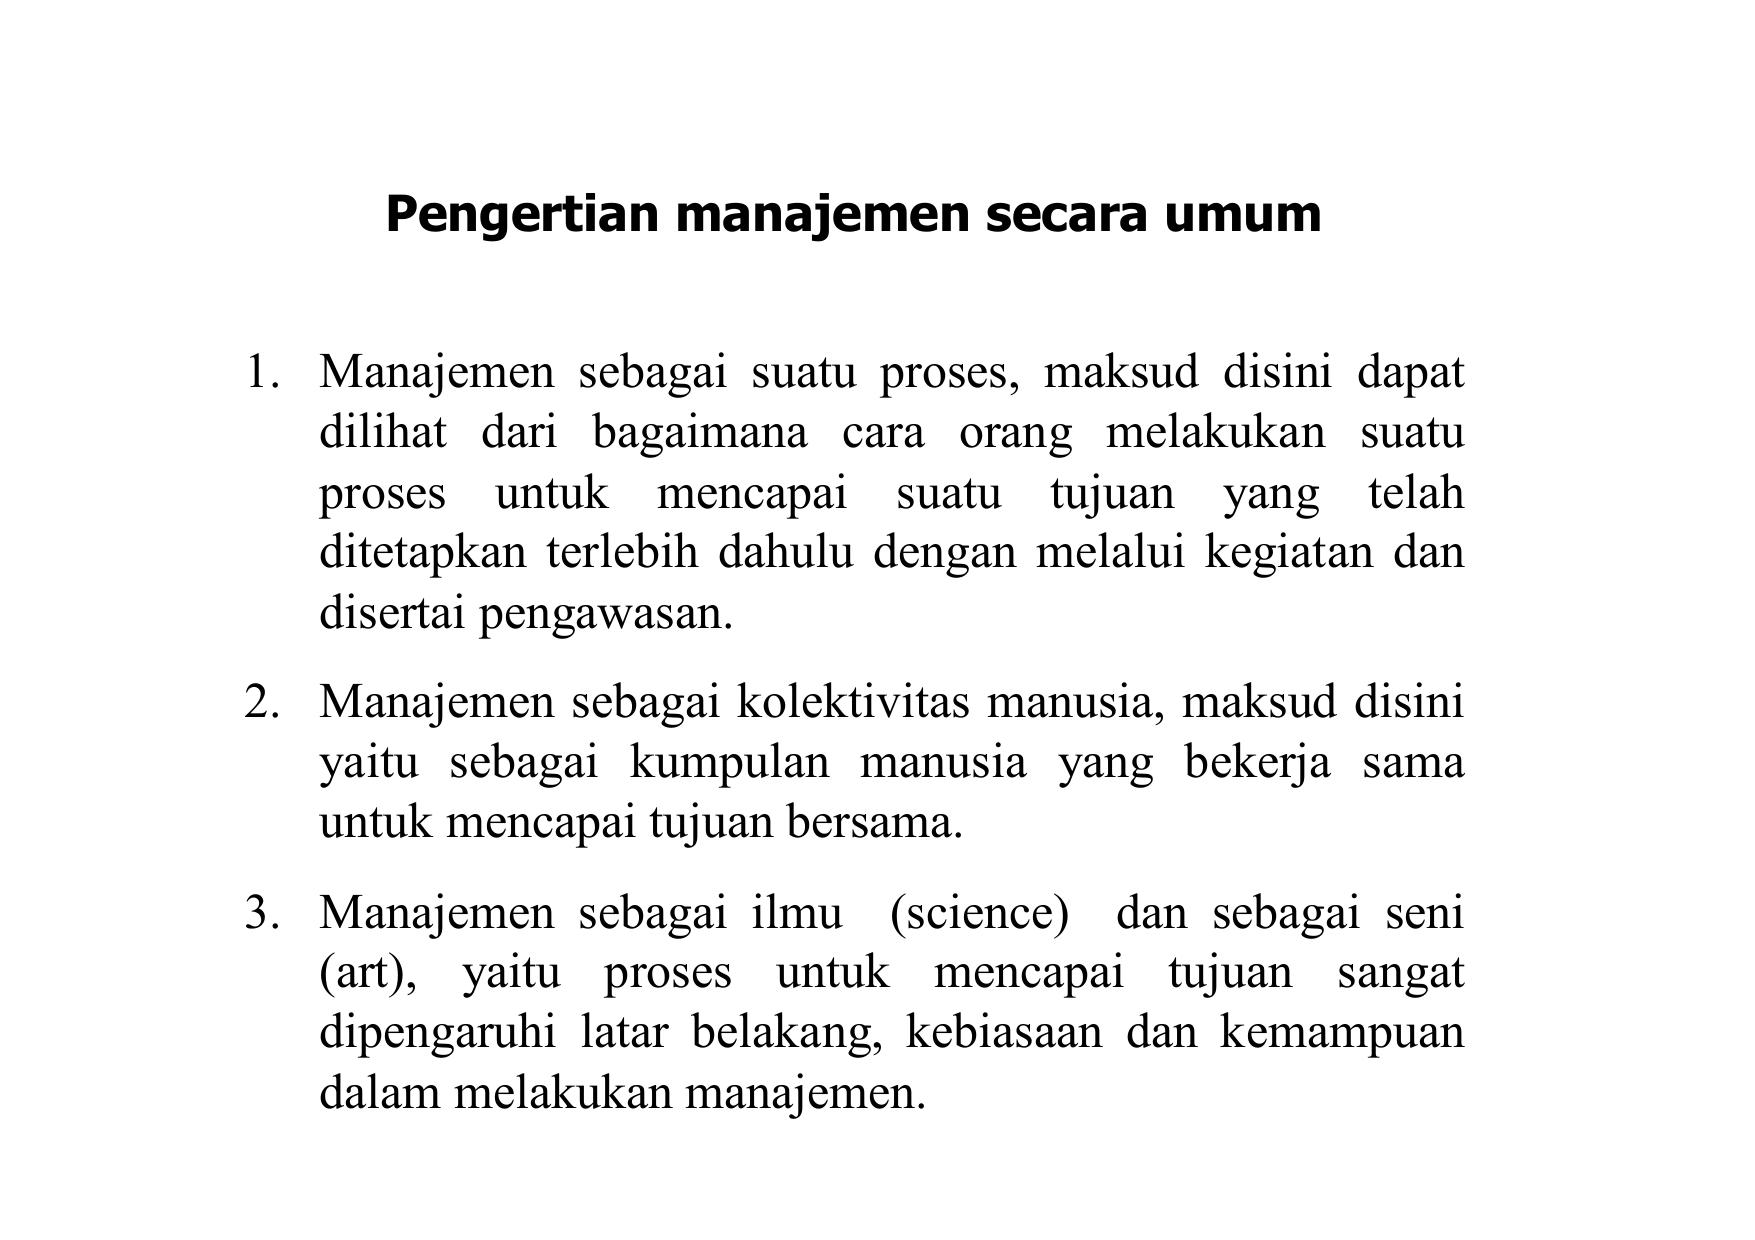 Pengertian manajemen konstruksi menurut para ahli